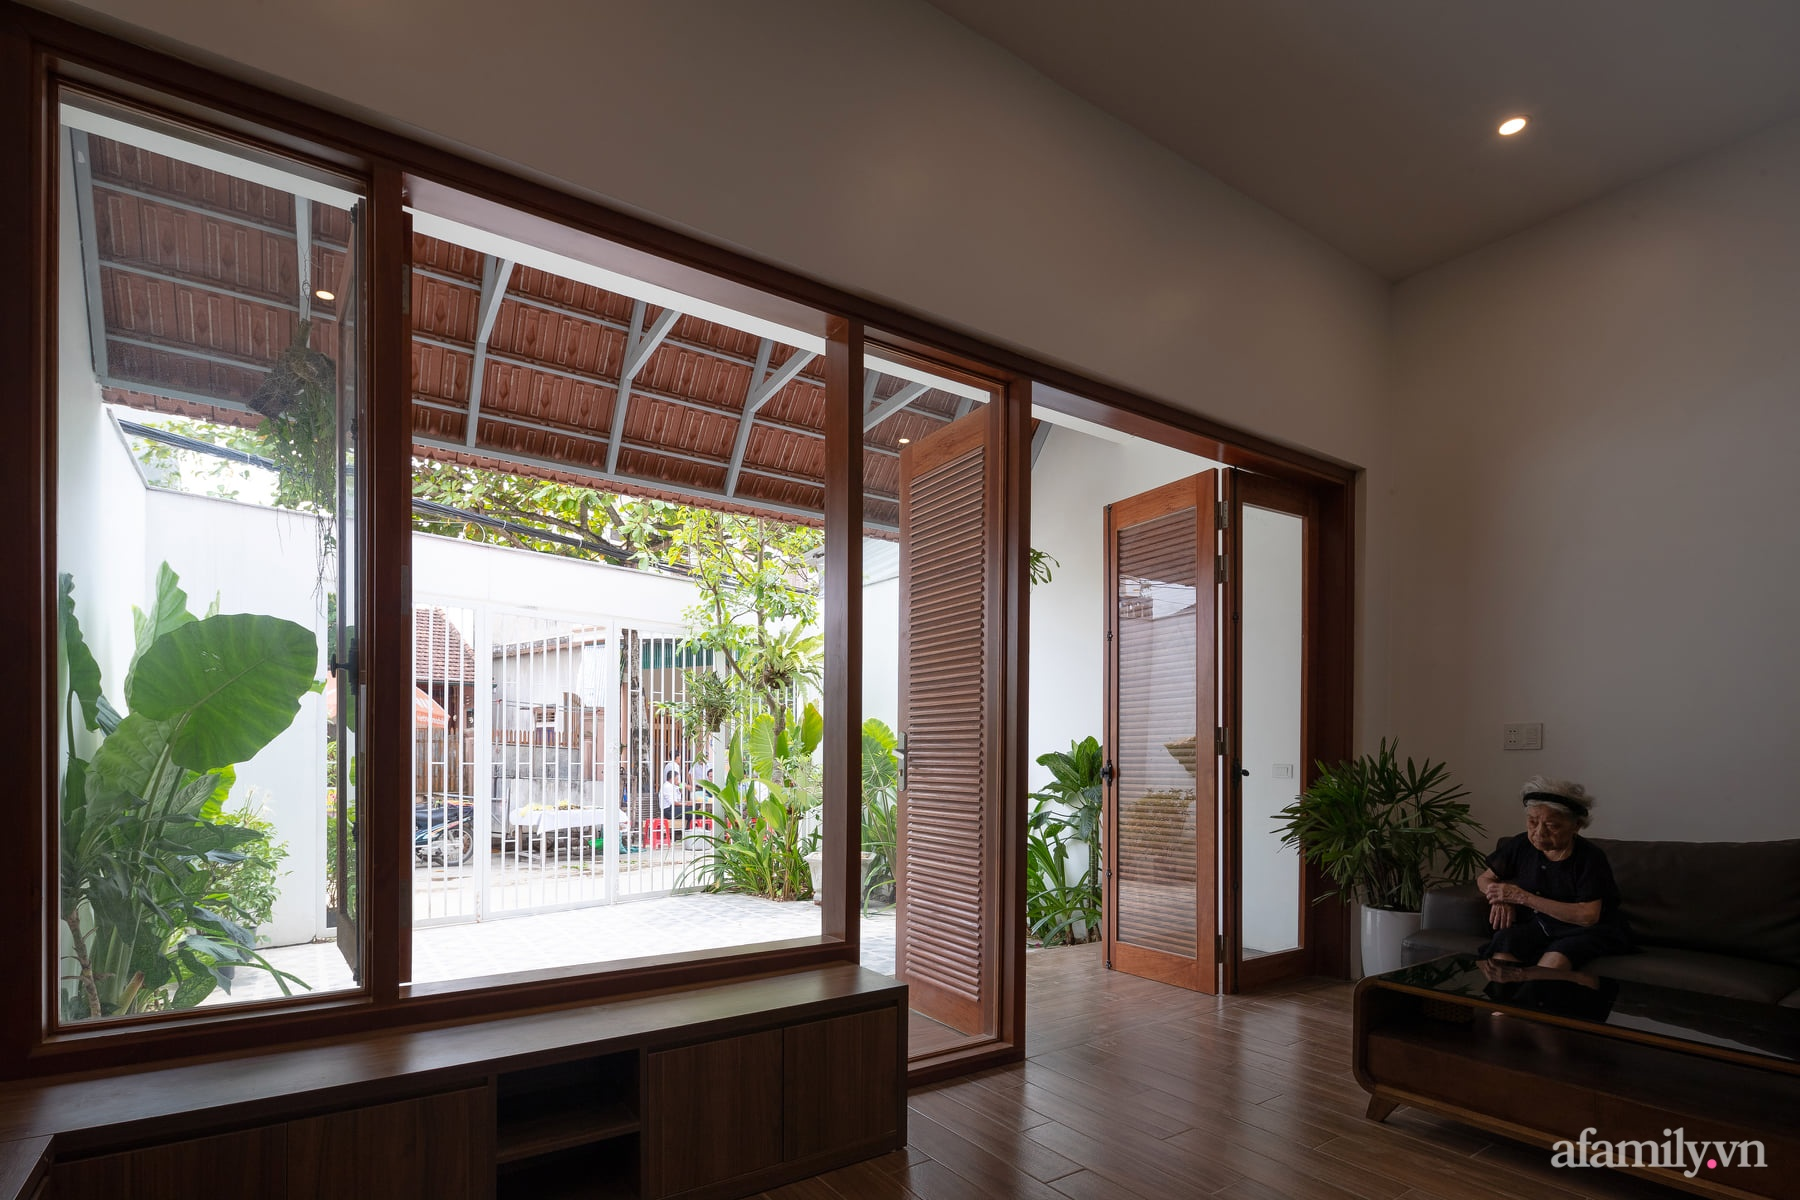 Ngôi nhà ngói gói gọn bình yên với những tiện nghi và hiện đại ở thị trấn nông thôn Nghệ An - Ảnh 7.